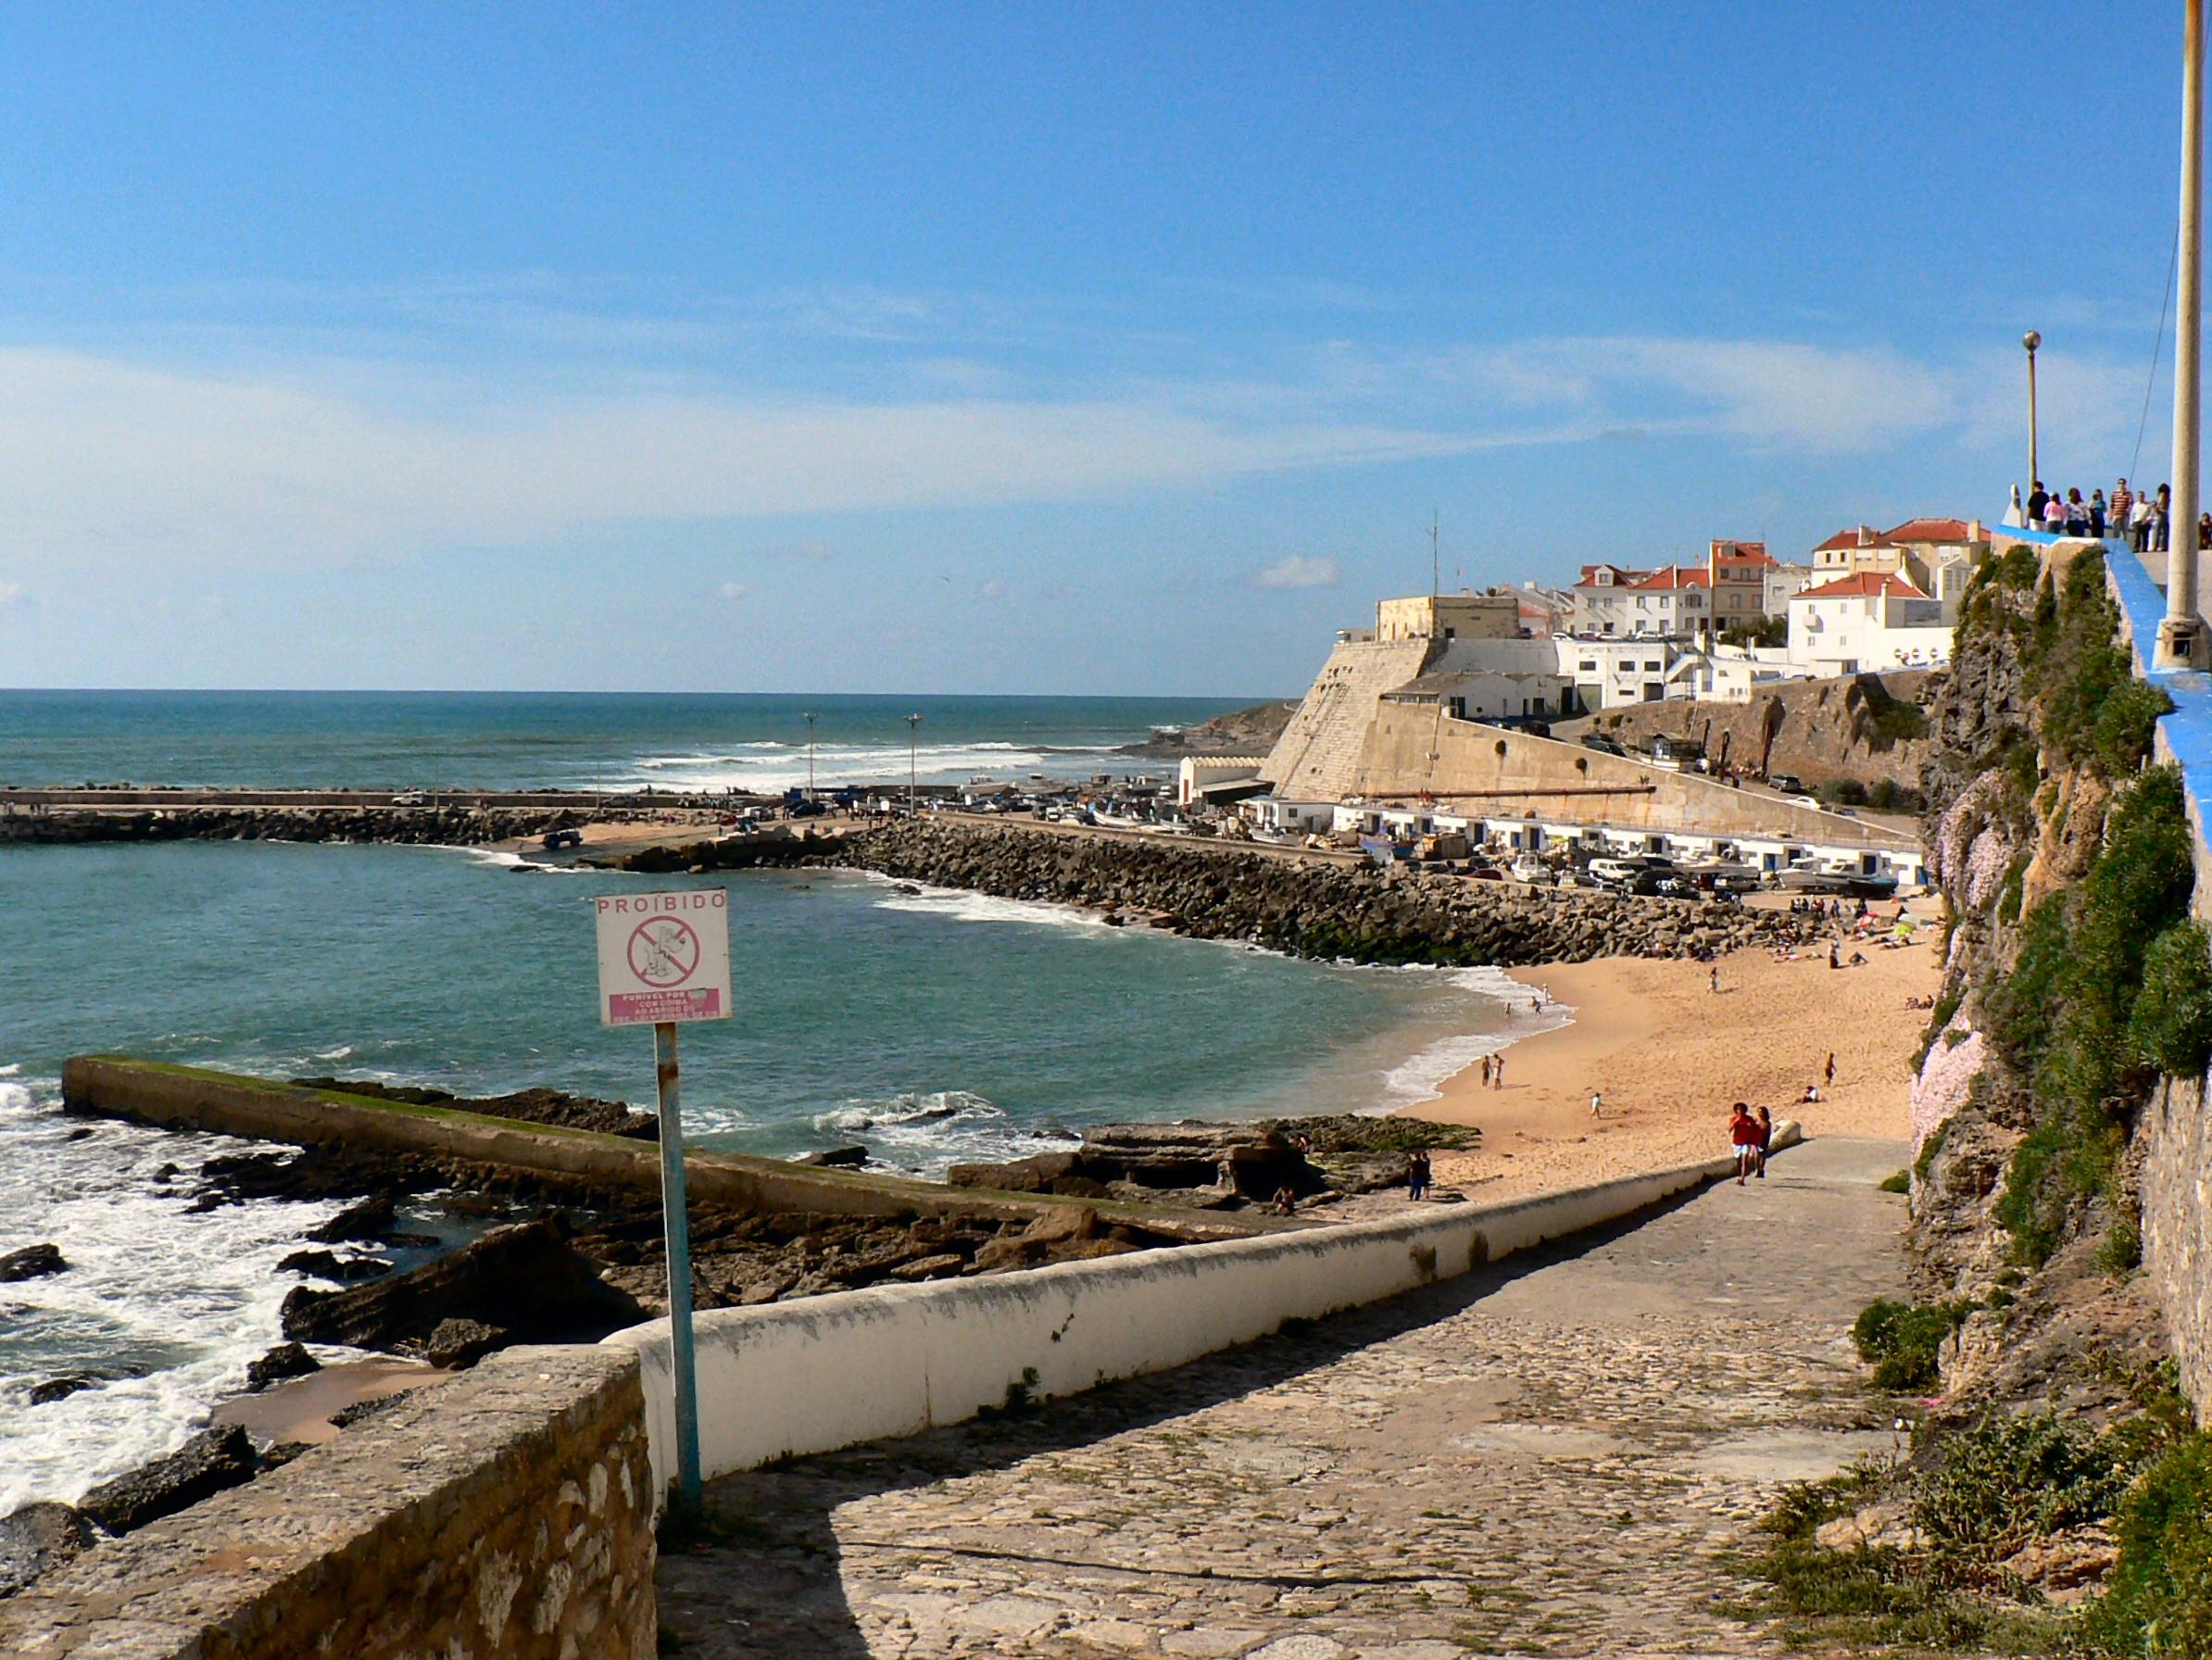 File:Ericeira - Praia dos pescadores.JPG